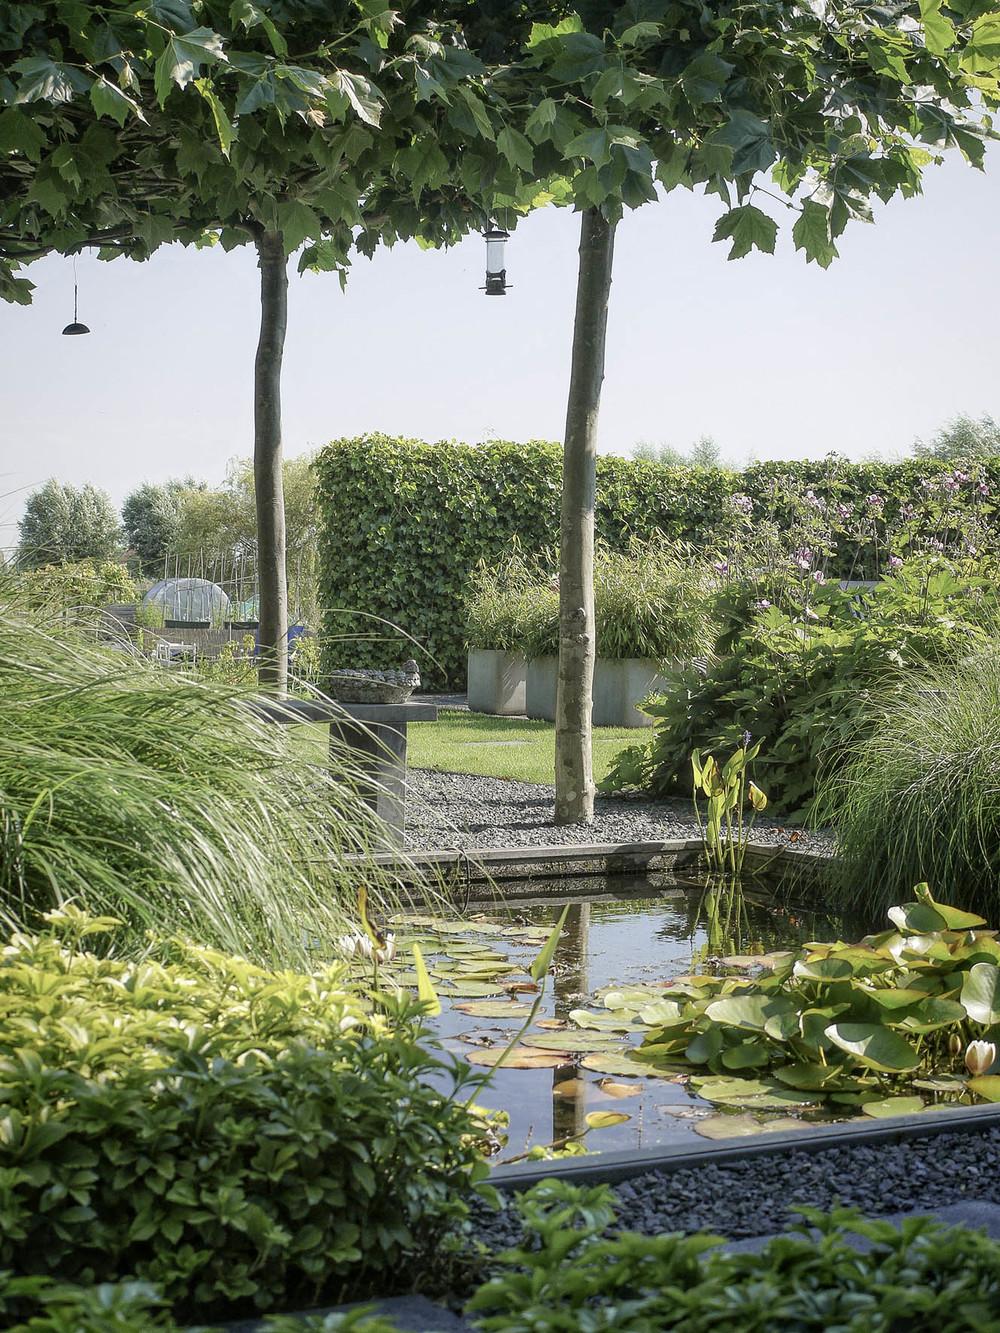 Tuinblog tuinontwerp of tuinarchitect wij ontwerpen tuinen om in te leven - Te dekken moderne tuin ...